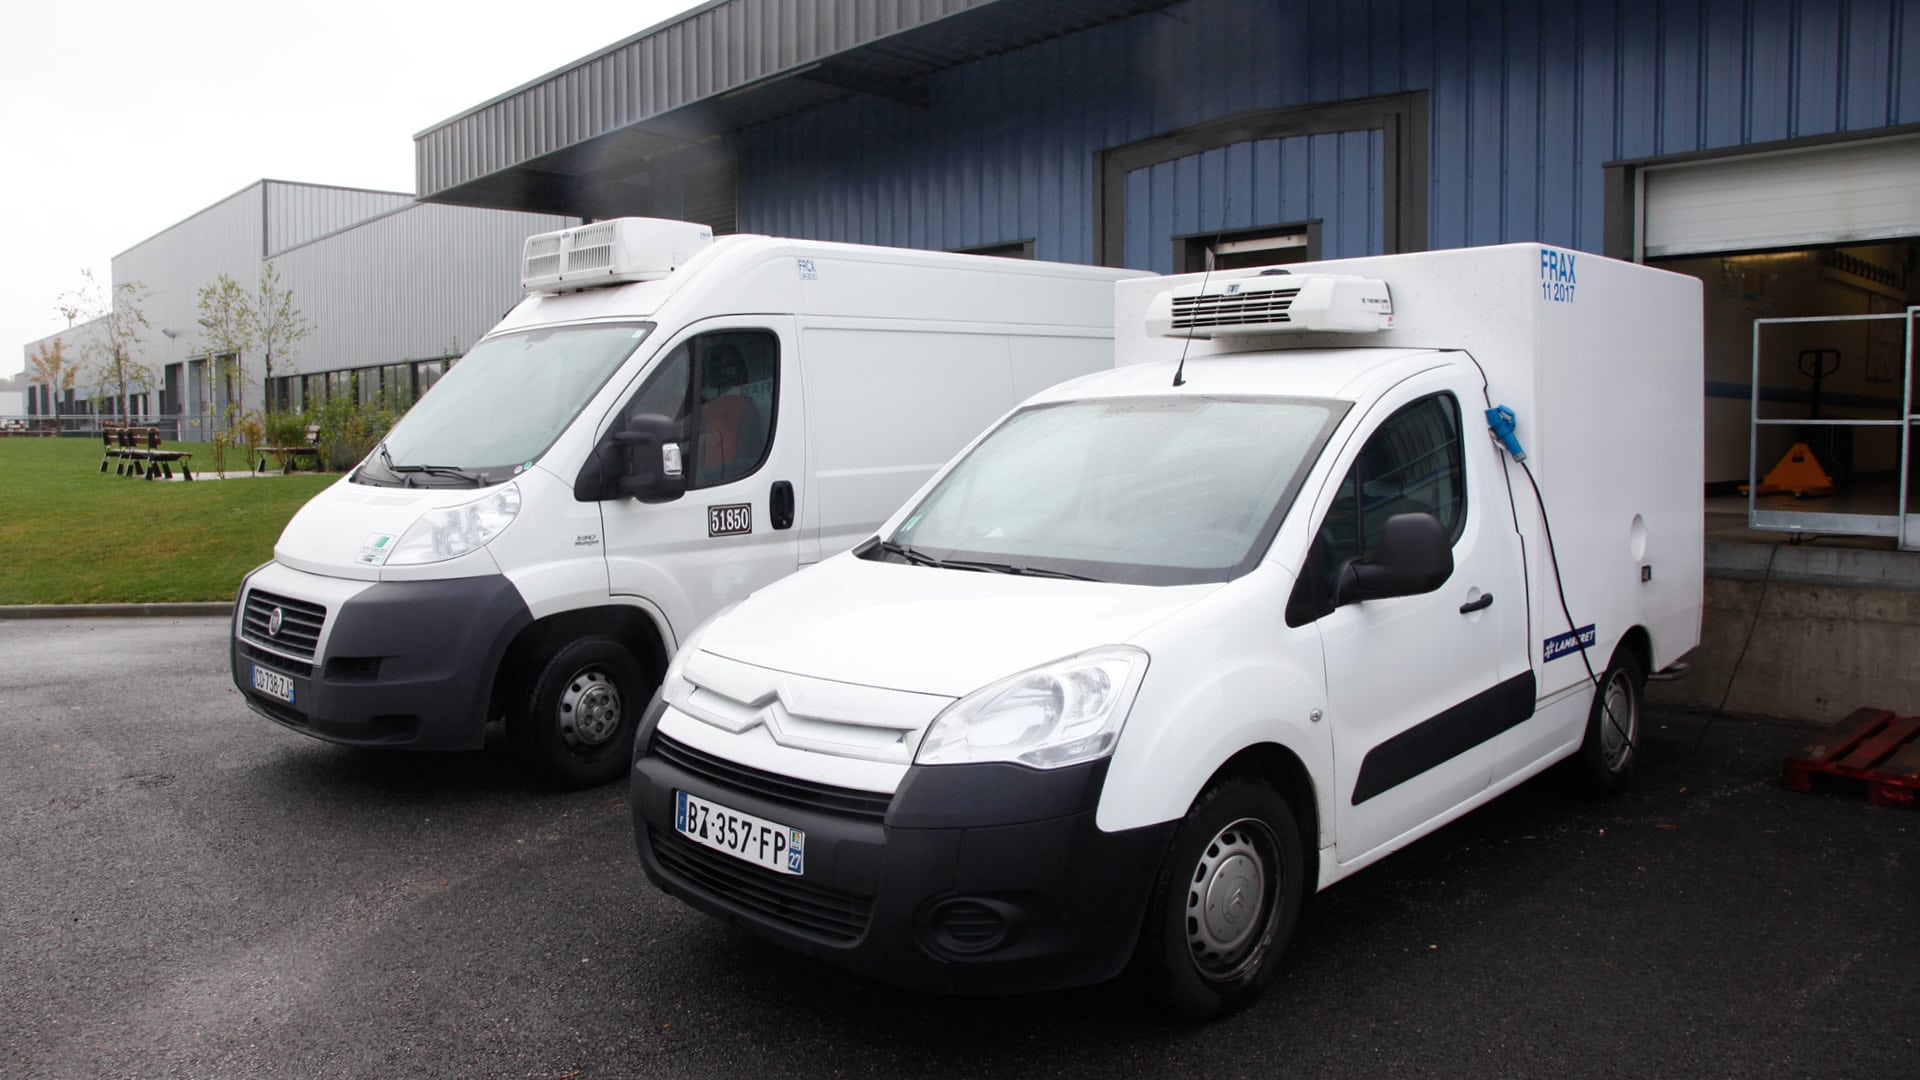 deux camionnettes blanches réfrigérées